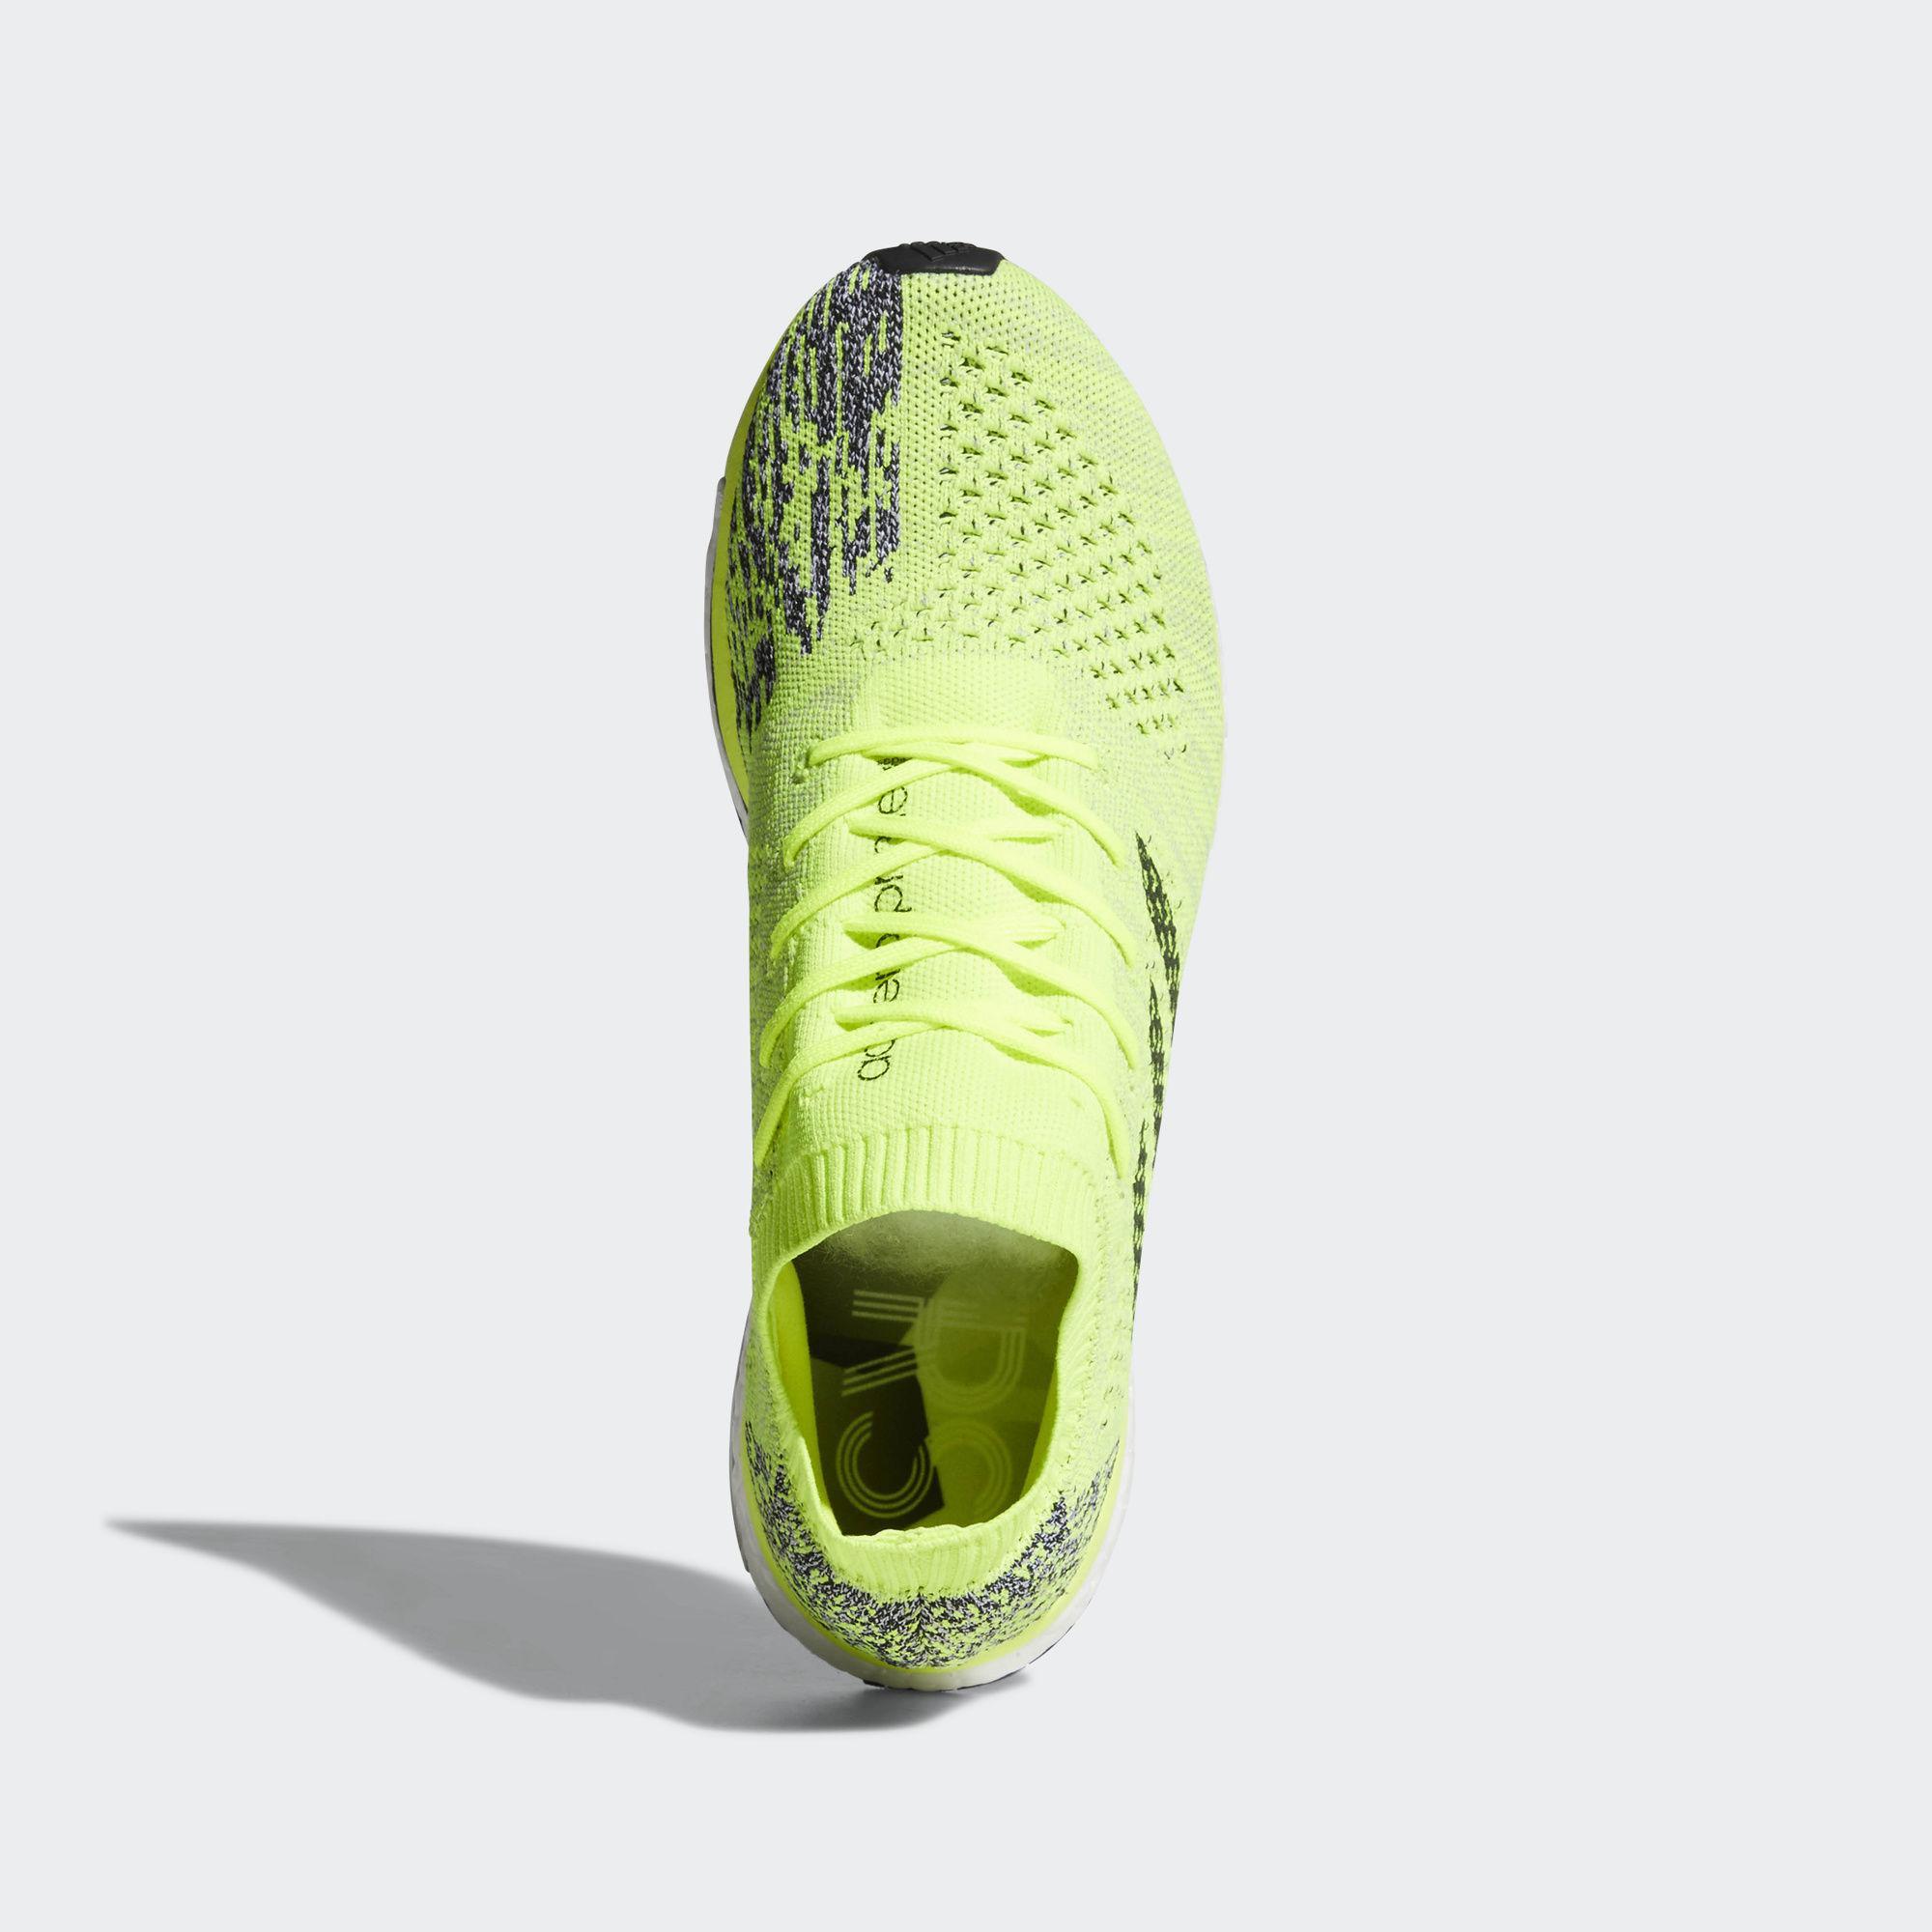 Lyst adidas adizero Prime Ltd 5 años zapatos en amarillo para hombres